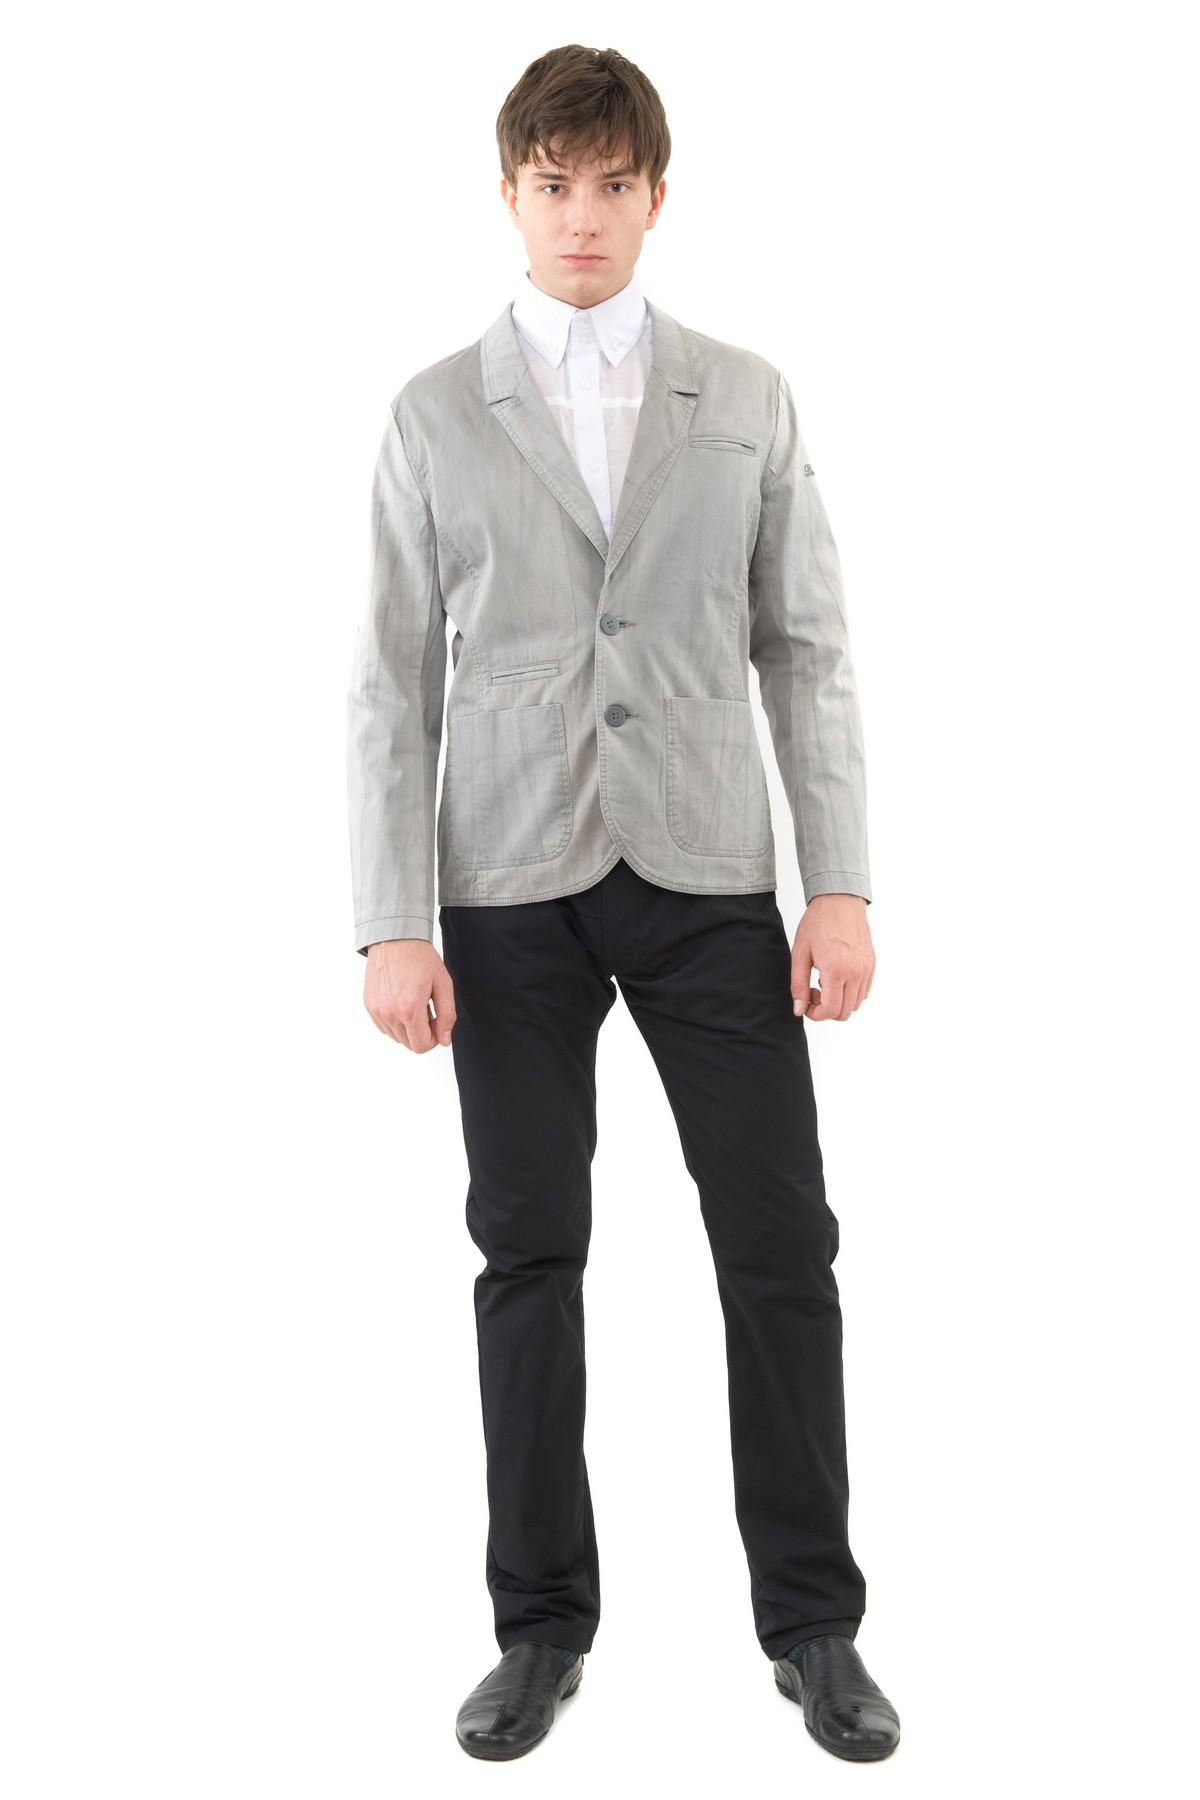 ПиджакПиджаки, жилеты<br>Модный, экстравагантный представитель сильного пола выбирает качественный, стильный пиджак с отложным воротником, застежкой на пуговицы. Изделие выполнено в приятной однотонной расцветке, отлично сочетающейся с джинсами и брюками.<br><br>Цвет: серый<br>Состав: 48% хлопок, 48% полиэстер, 4% эластан<br>Размер: 48,50<br>Страна дизайна: Россия<br>Страна производства: Россия